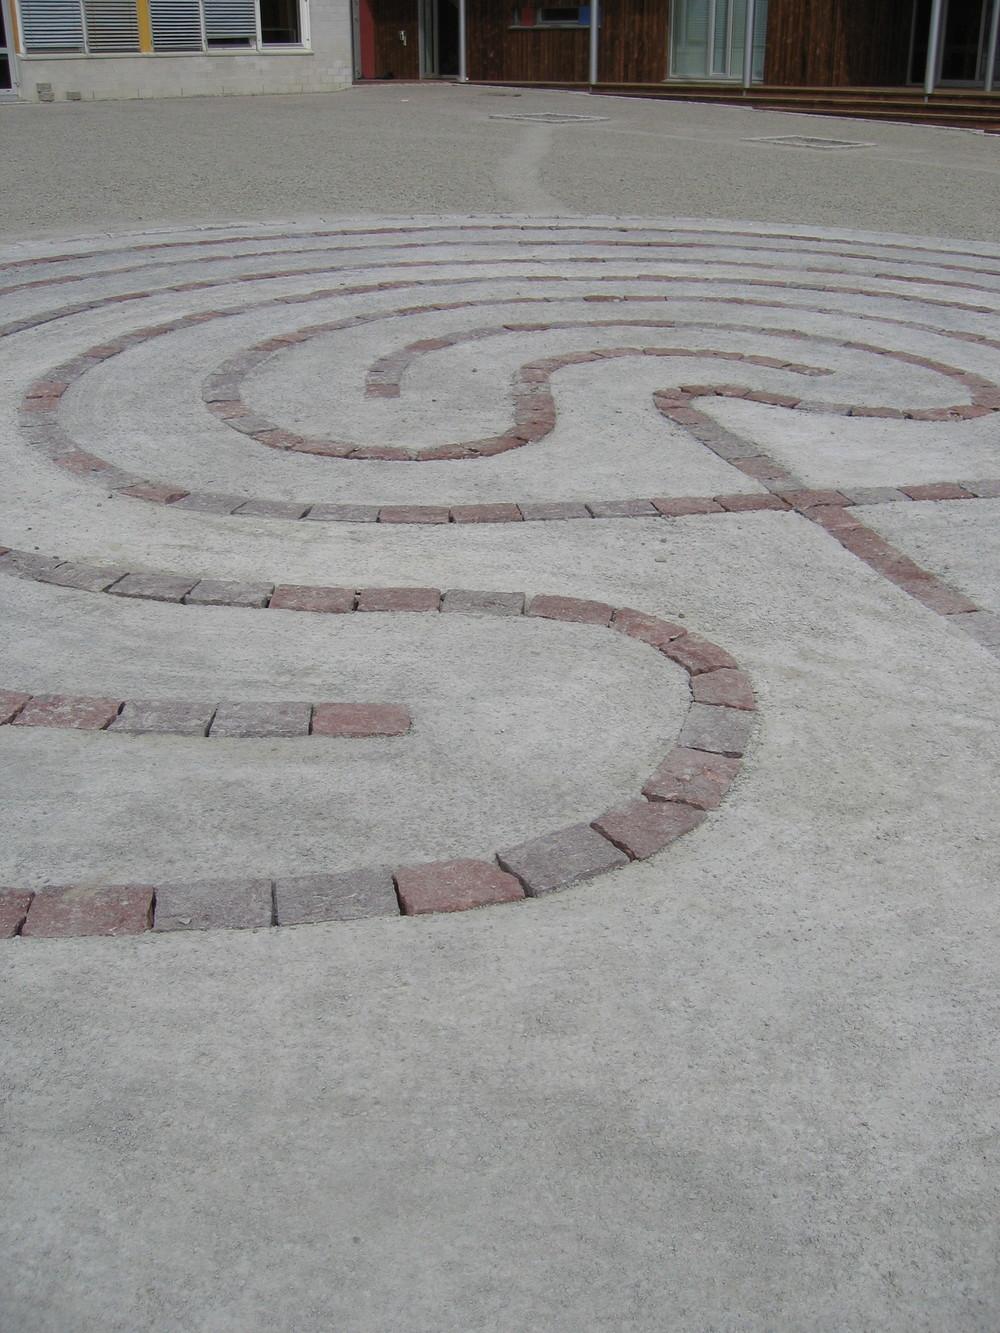 Labyrint i storgatestein og betong som mønster i flata